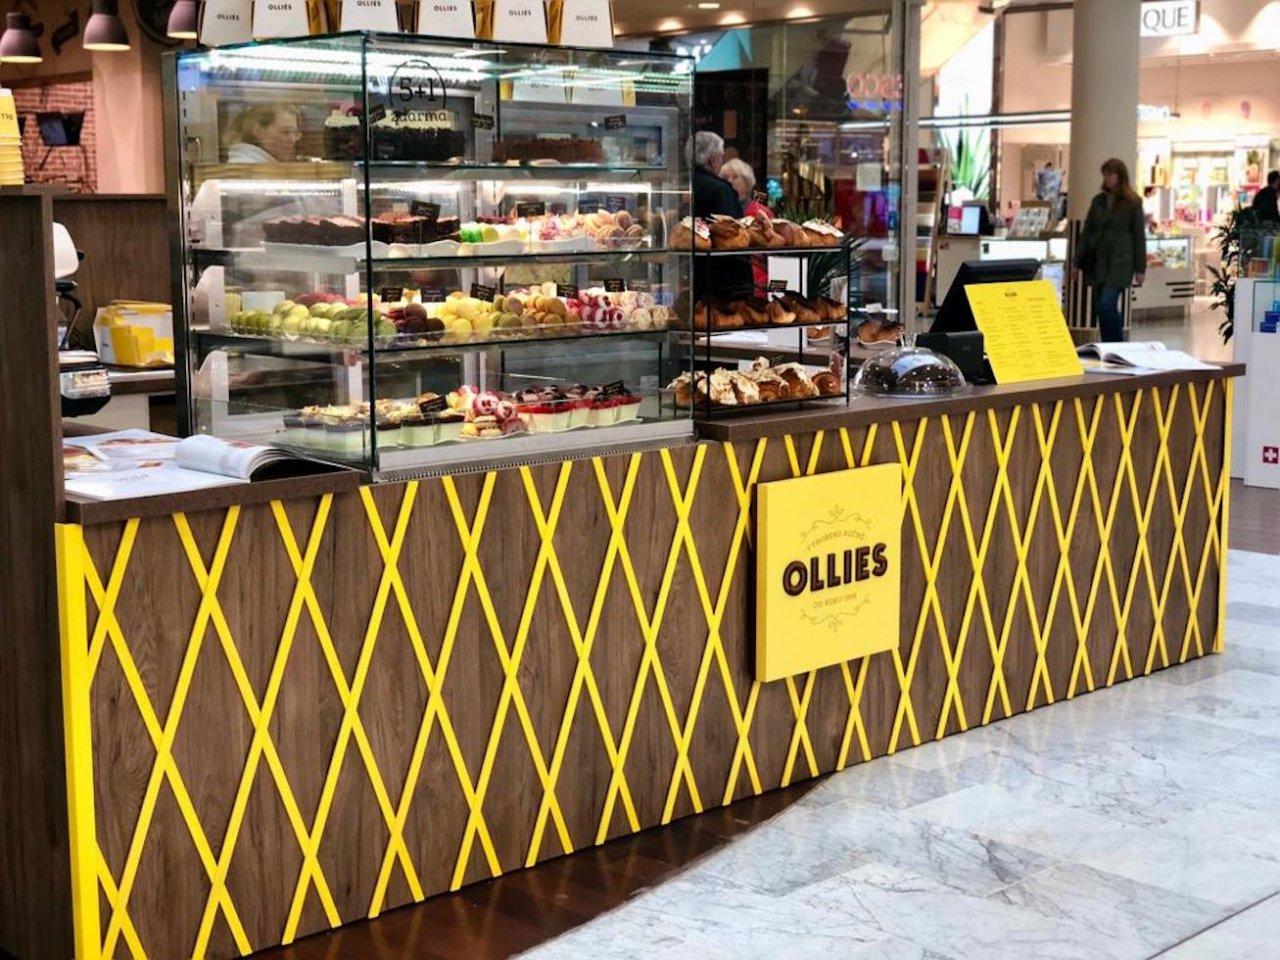 Cukrárna Ollies v OC Nový Smíchov